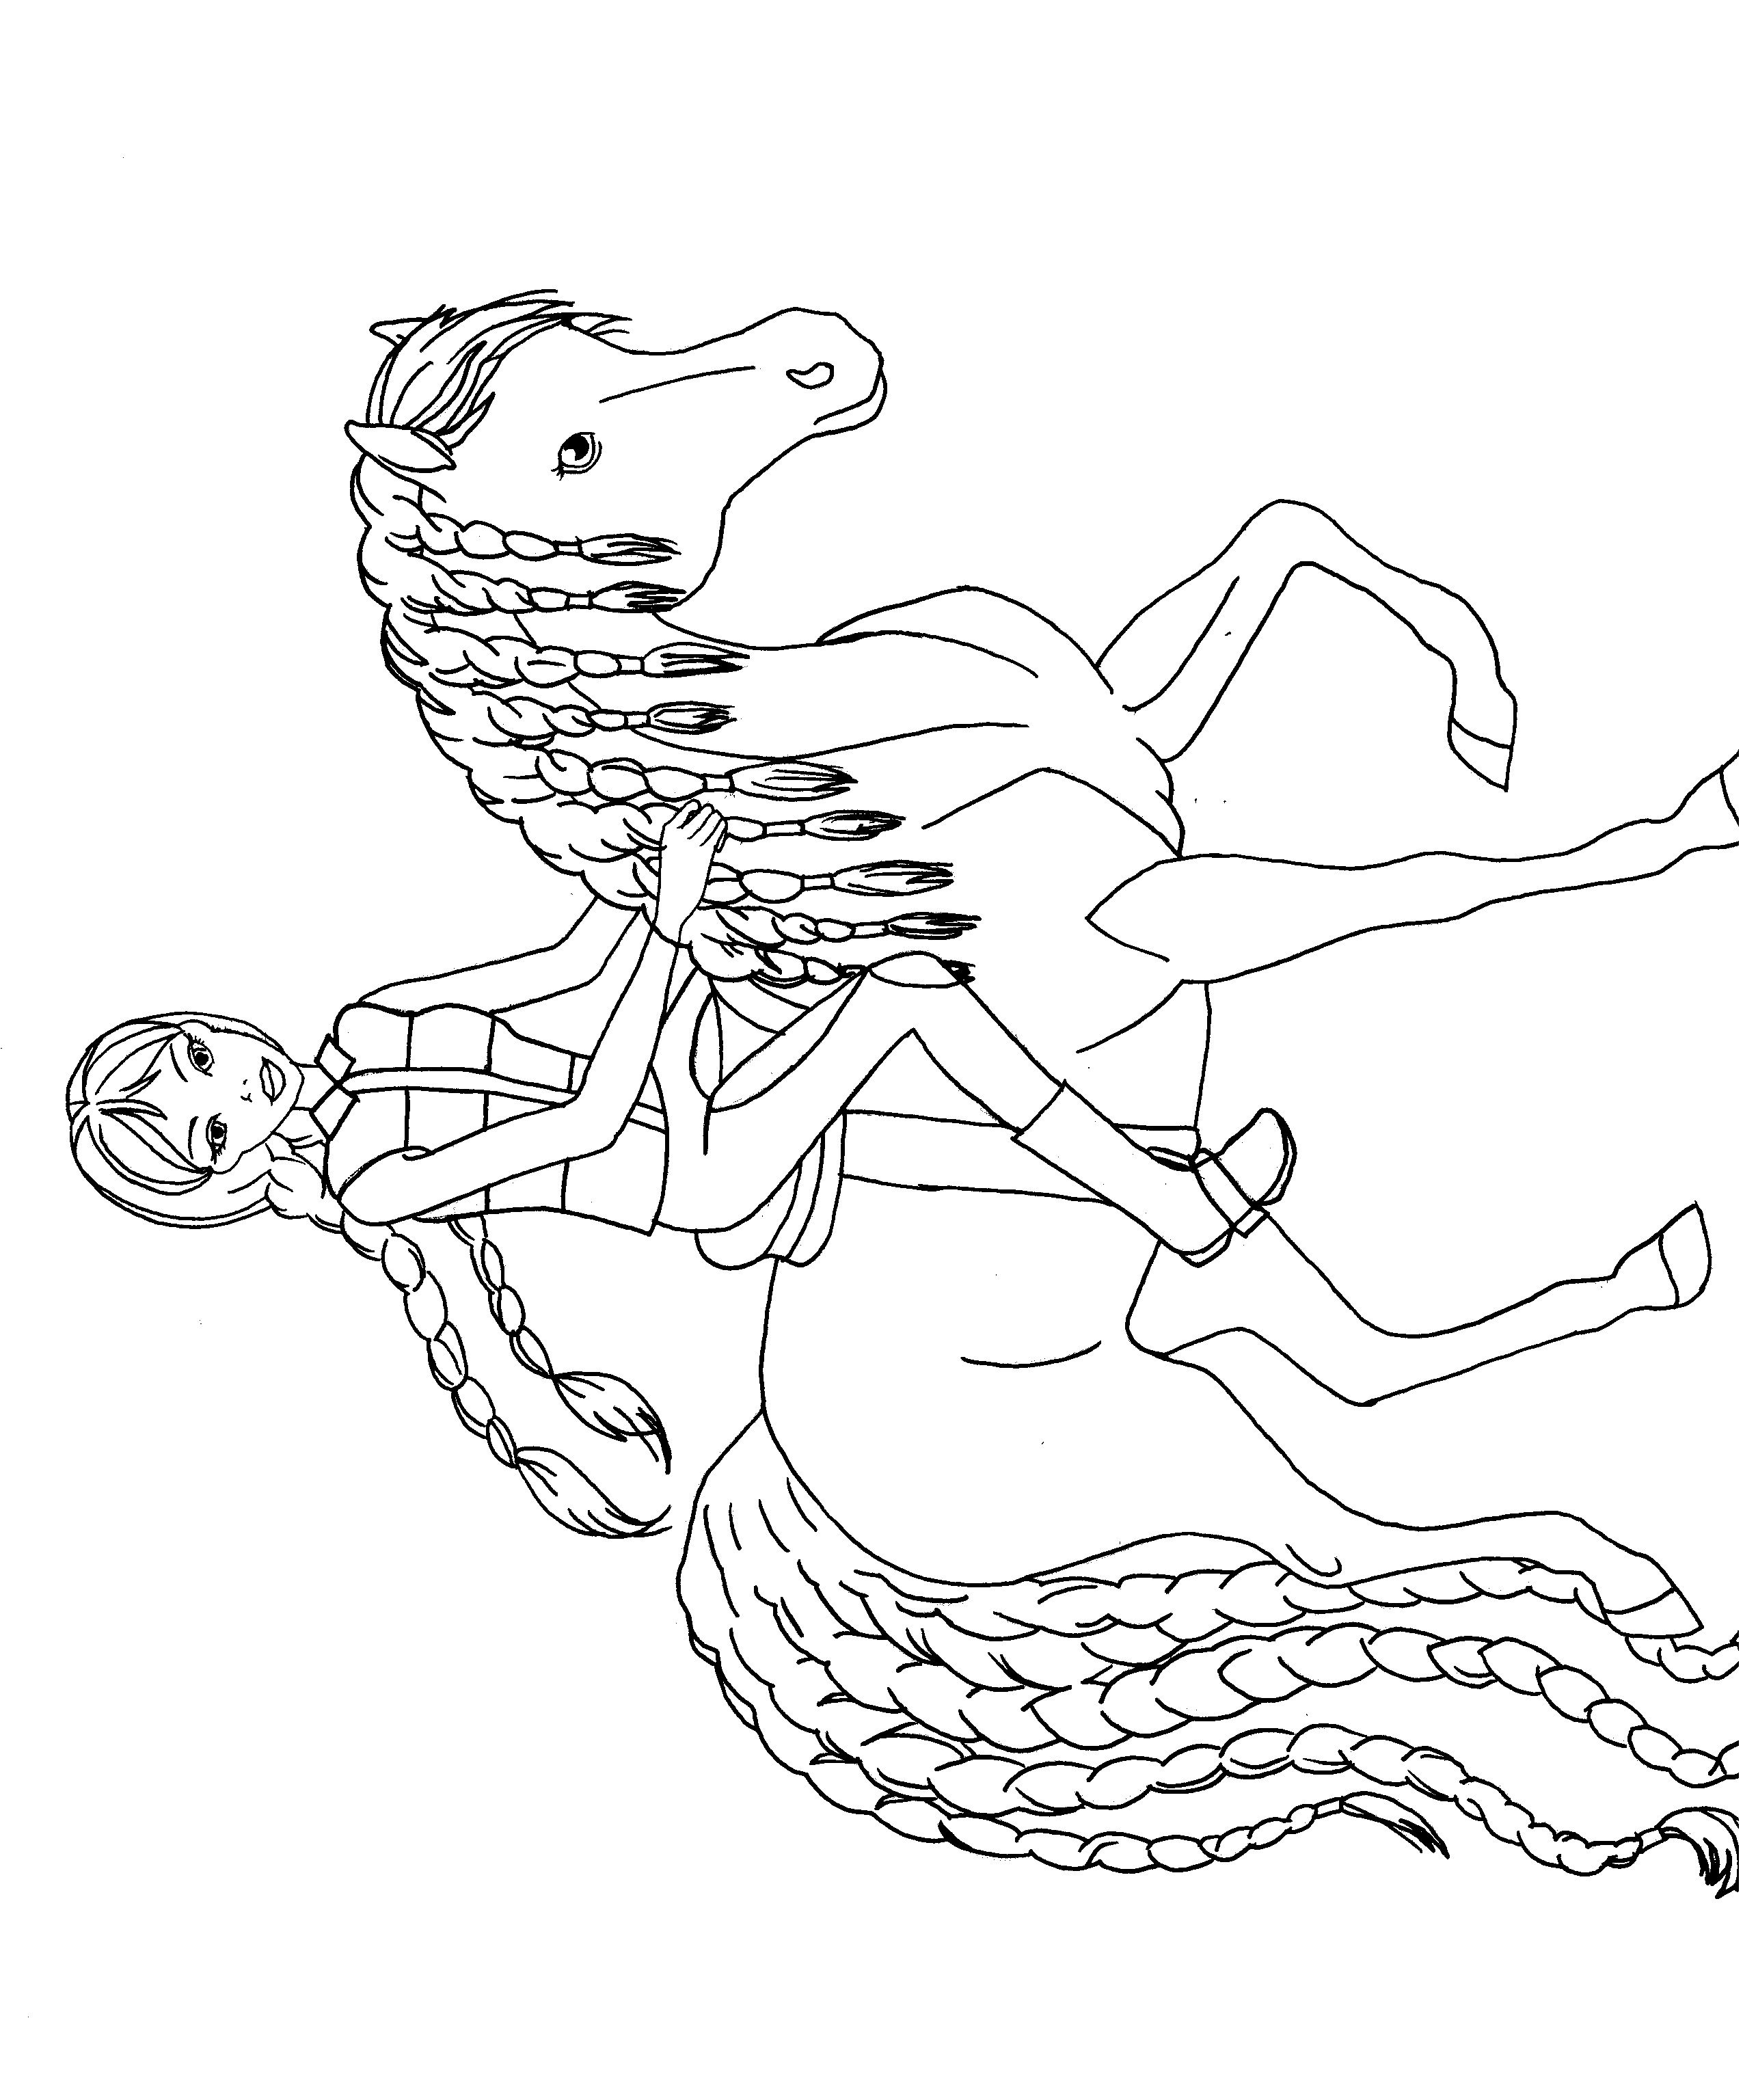 Reiterin mit Pferd | Ausmalbilder | Ausmalen, Malen und ...